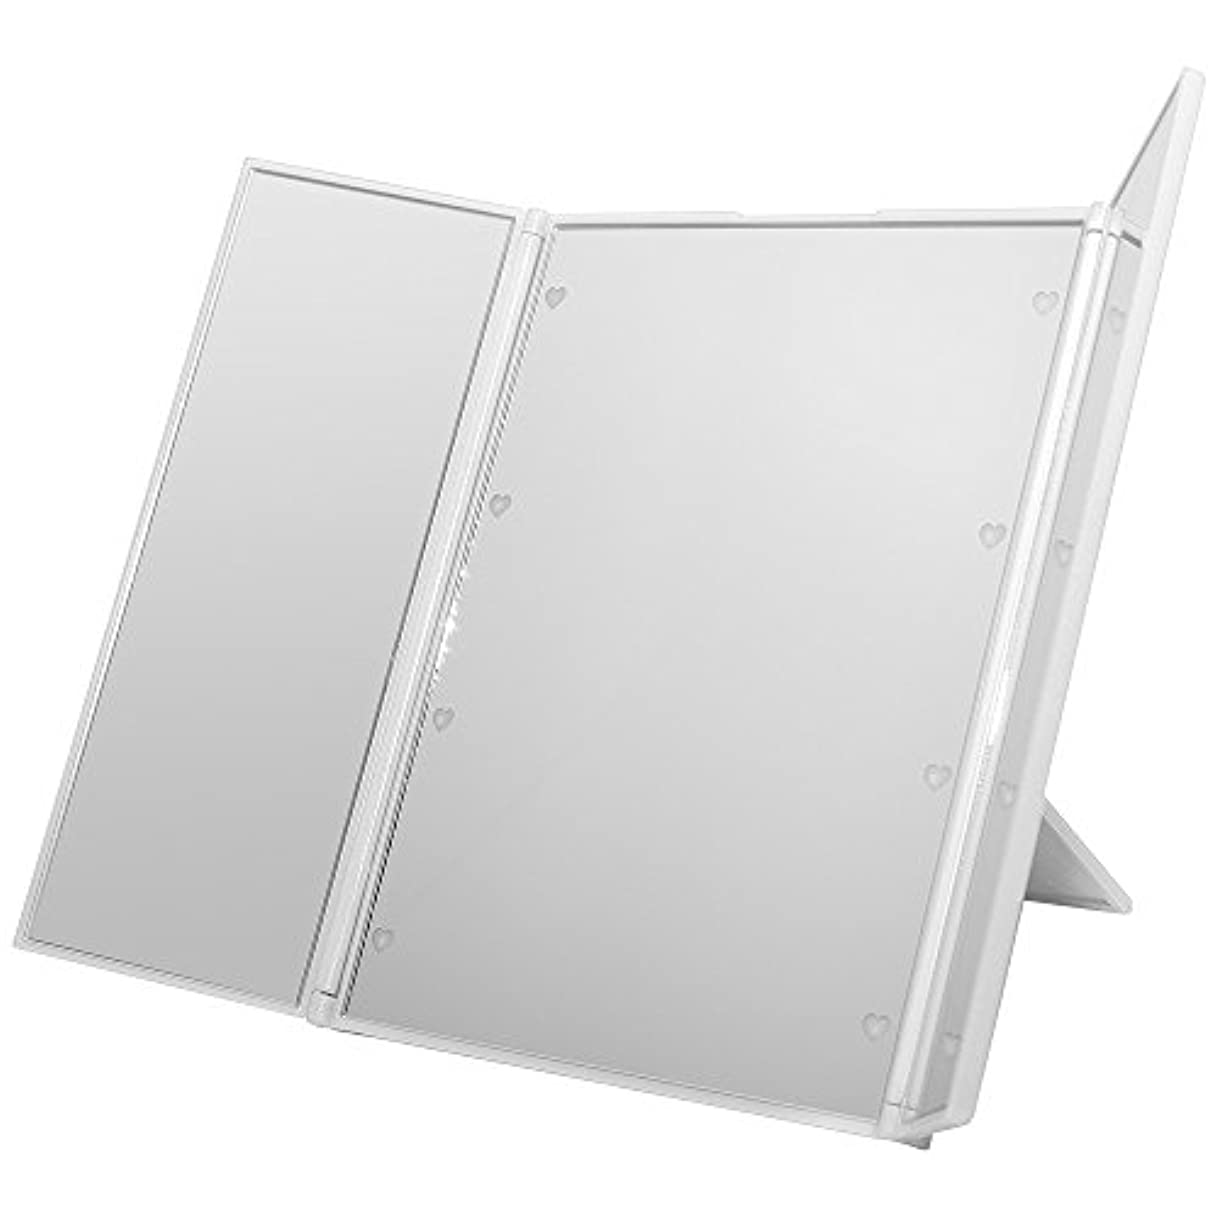 メロディアス失う晩餐GoodsLand 【 ハート型 LED ライト付 】 卓上 折りたたみ 三面鏡 大型 大きい かわいい スタンド ミラー メイク アップ ブライトニング GD-LED-3MR-WH